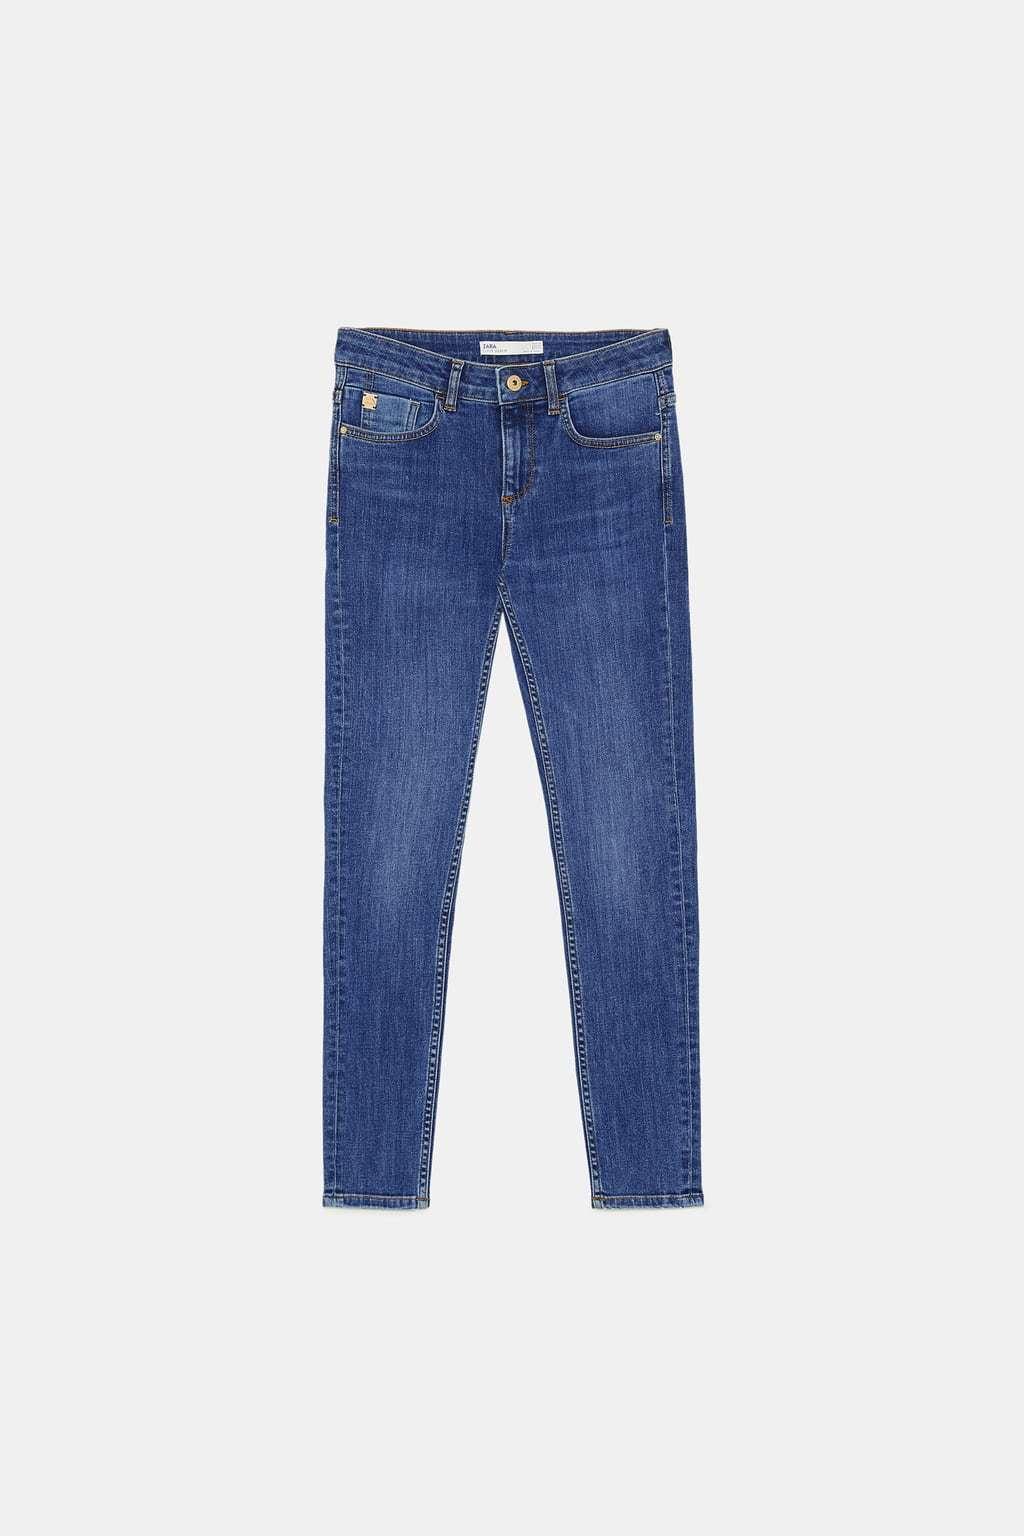 Pantalones vaqueros pitillo, de Zara (25,95 euros).